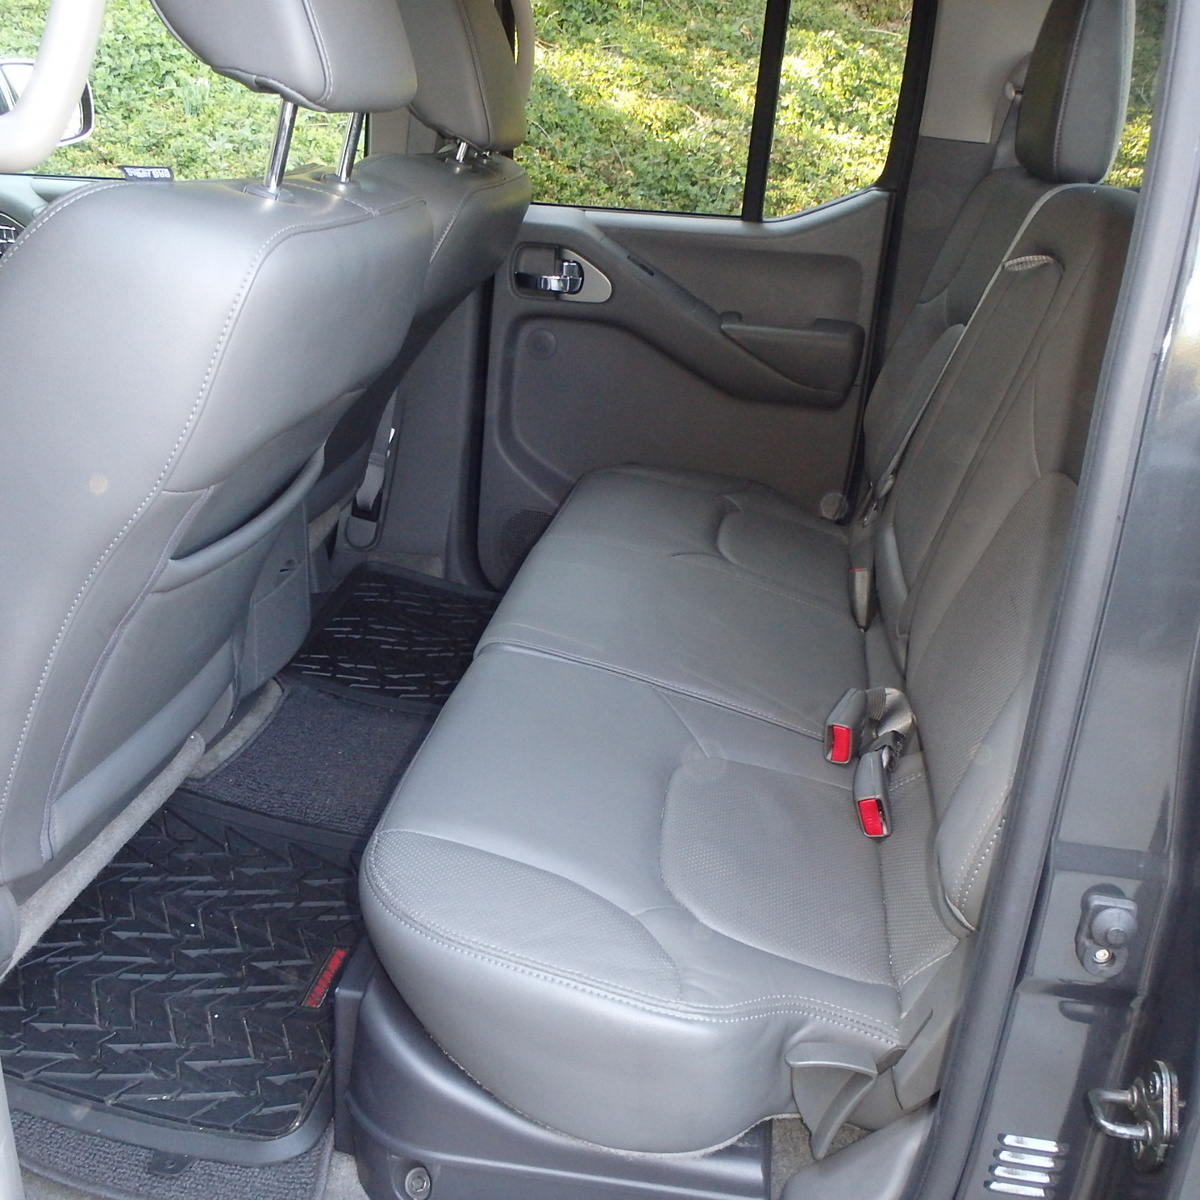 2012 Nissan Frontier Crew Cab: 2012 Nissan Frontier